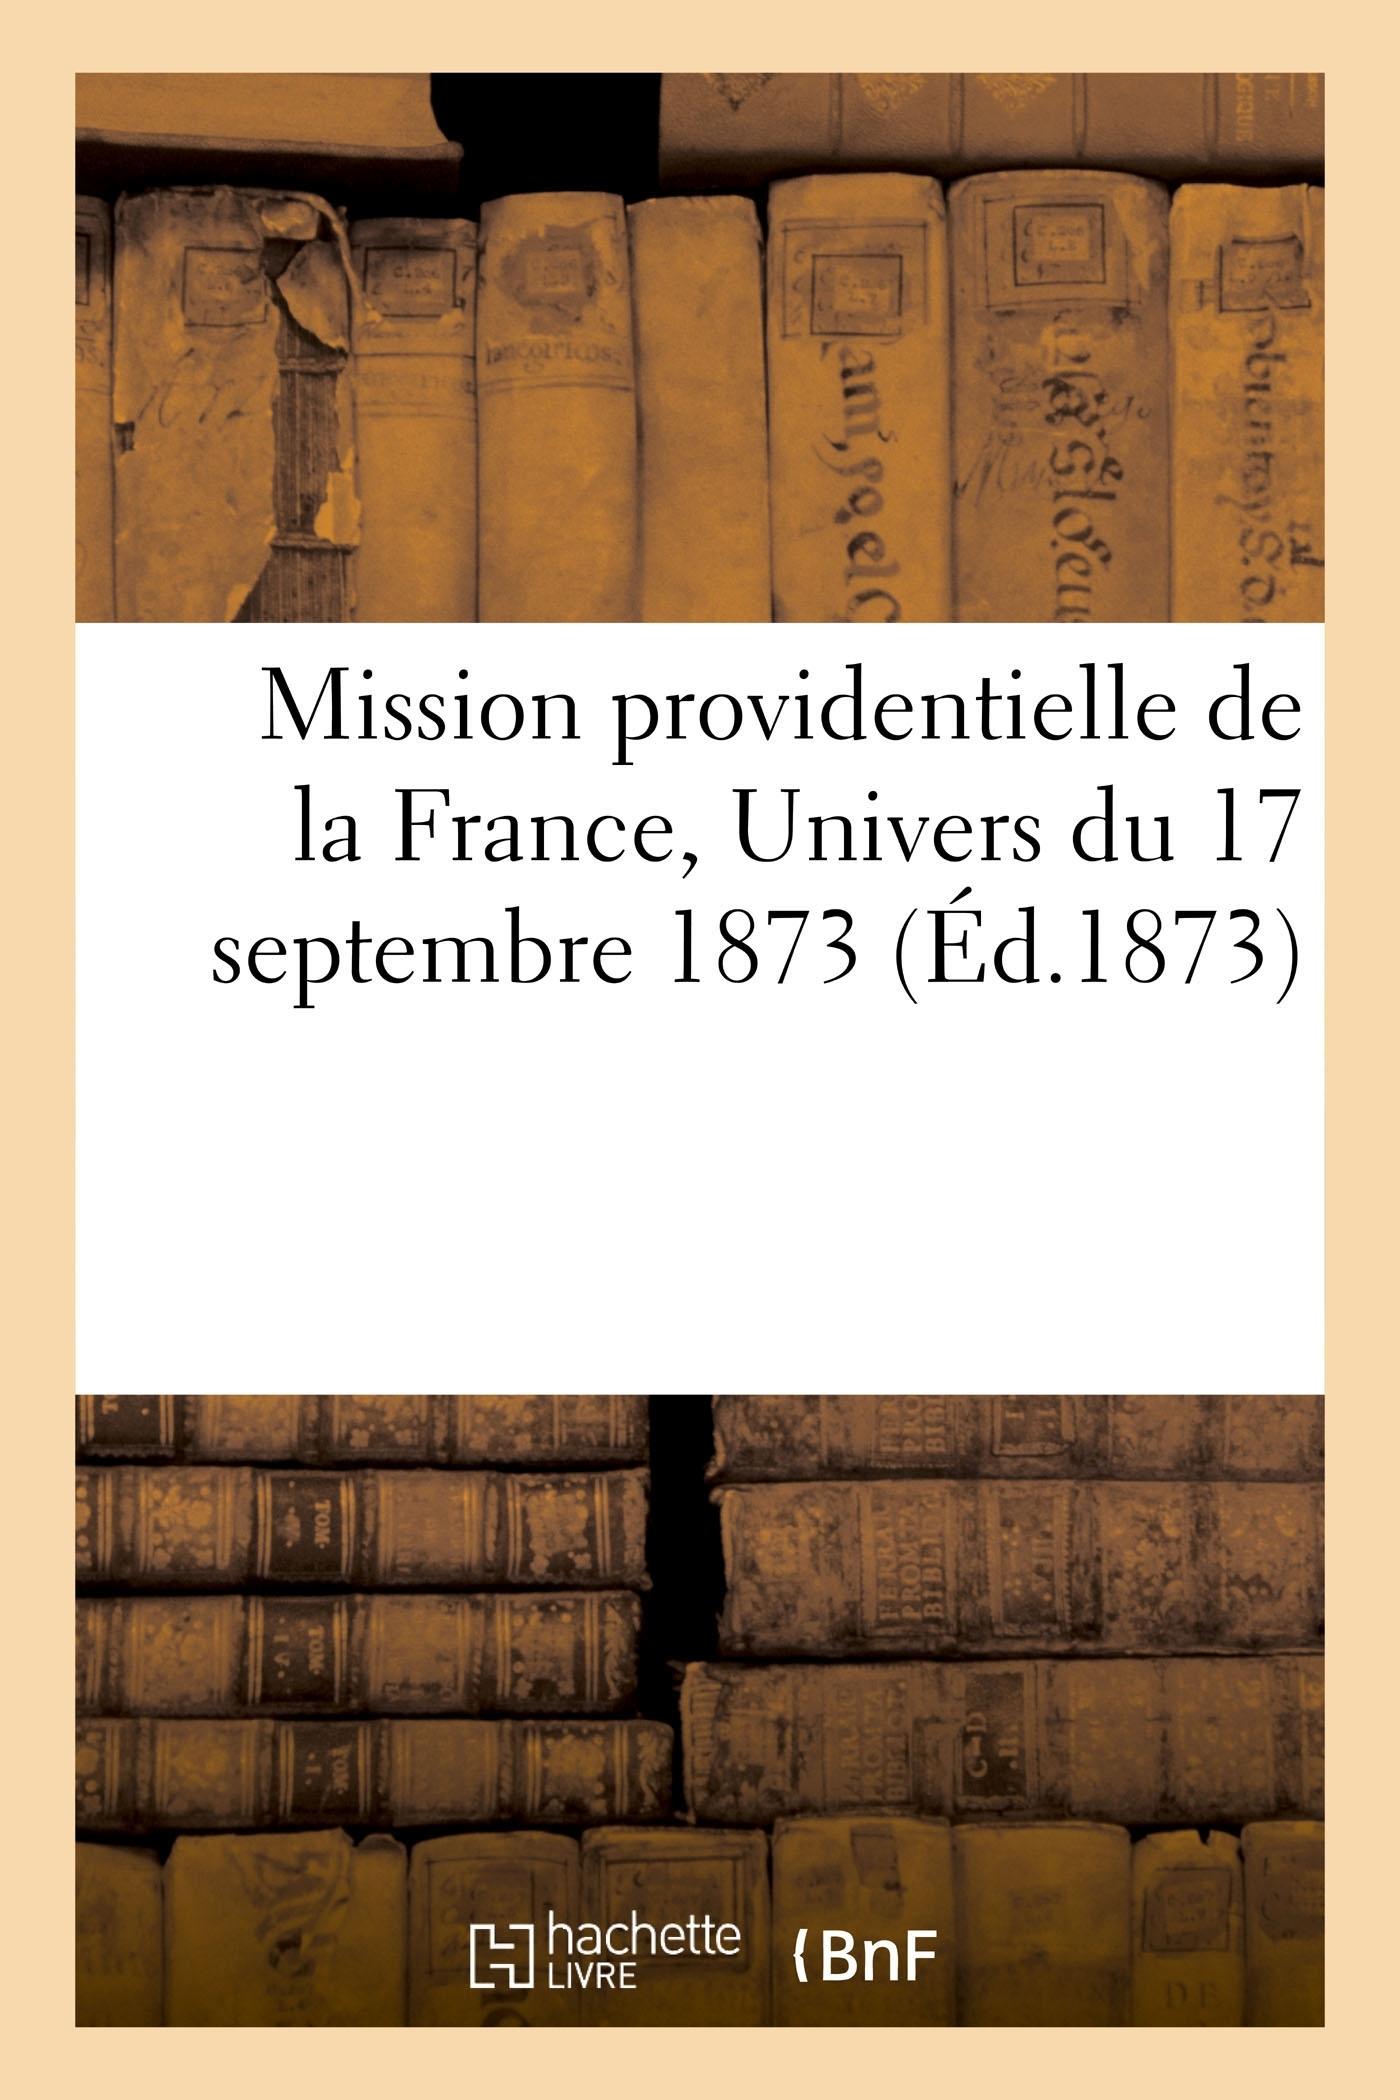 MISSION PROVIDENTIELLE DE LA FRANCE, UNIVERS DU 17 SEPTEMBRE 1873